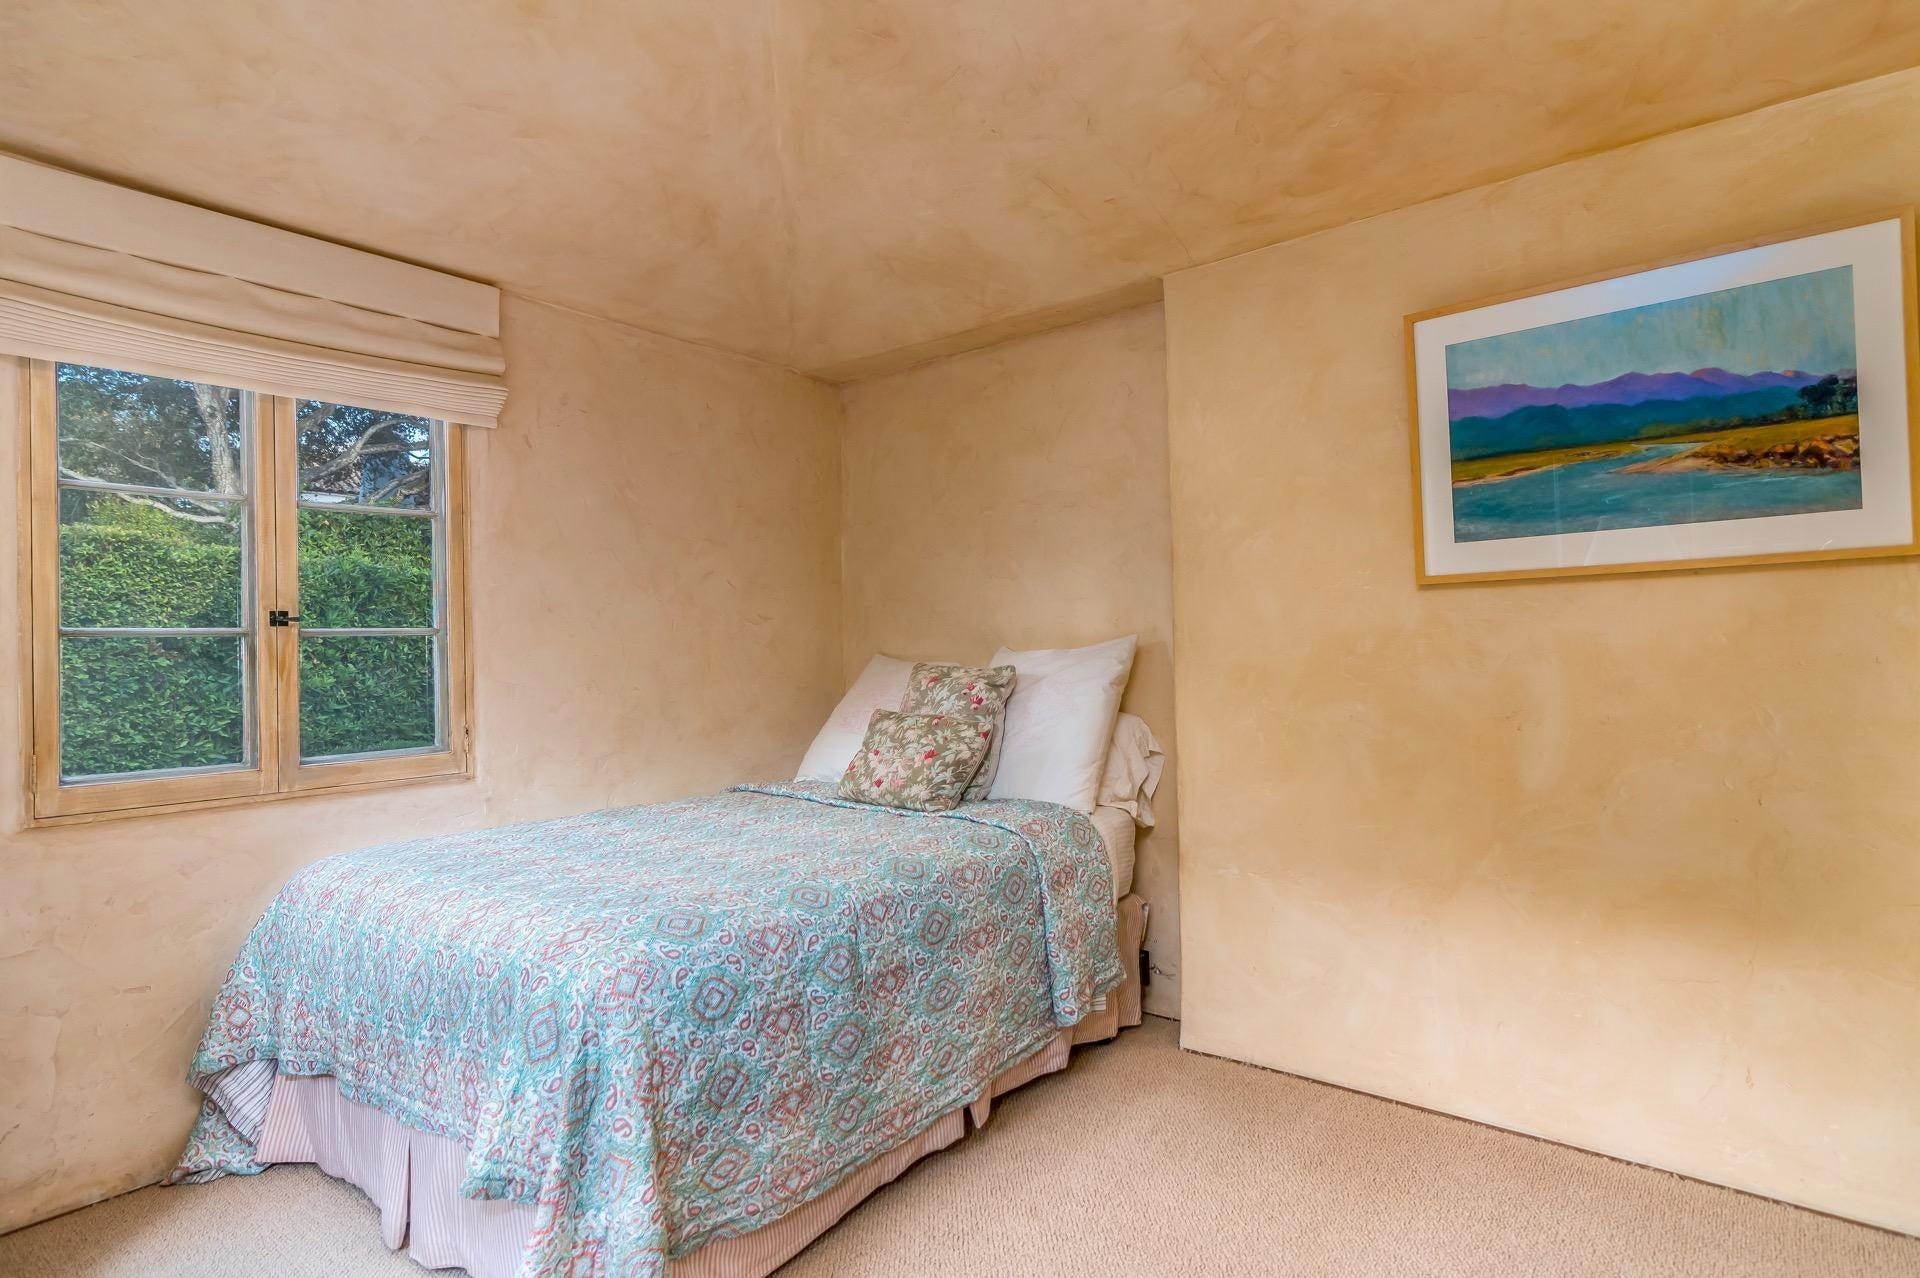 013 guest bedroom